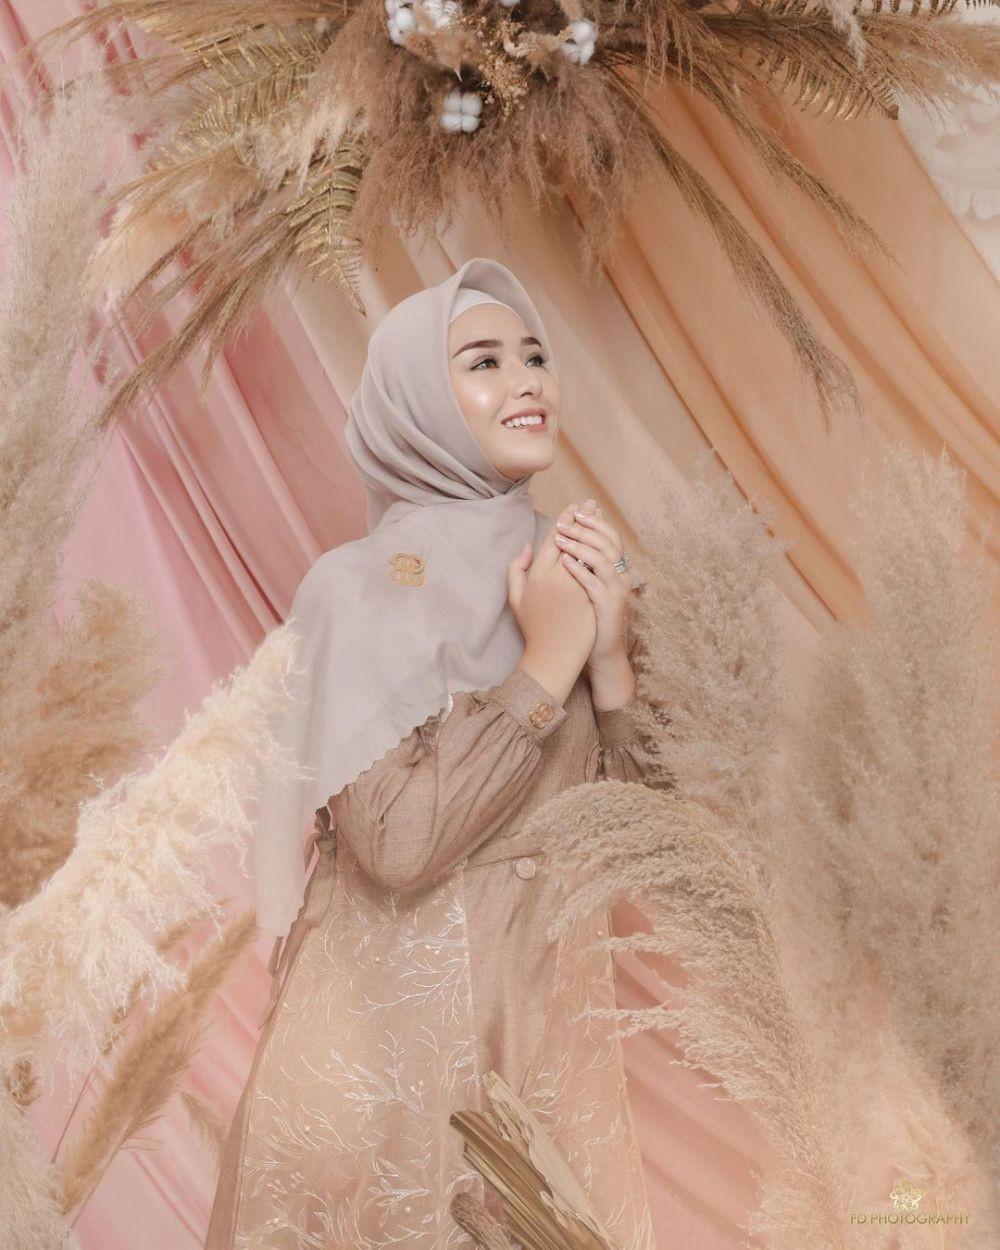 Bak Bu Haji,10 Potret Amanda Manopo Saat Pakai Gamis